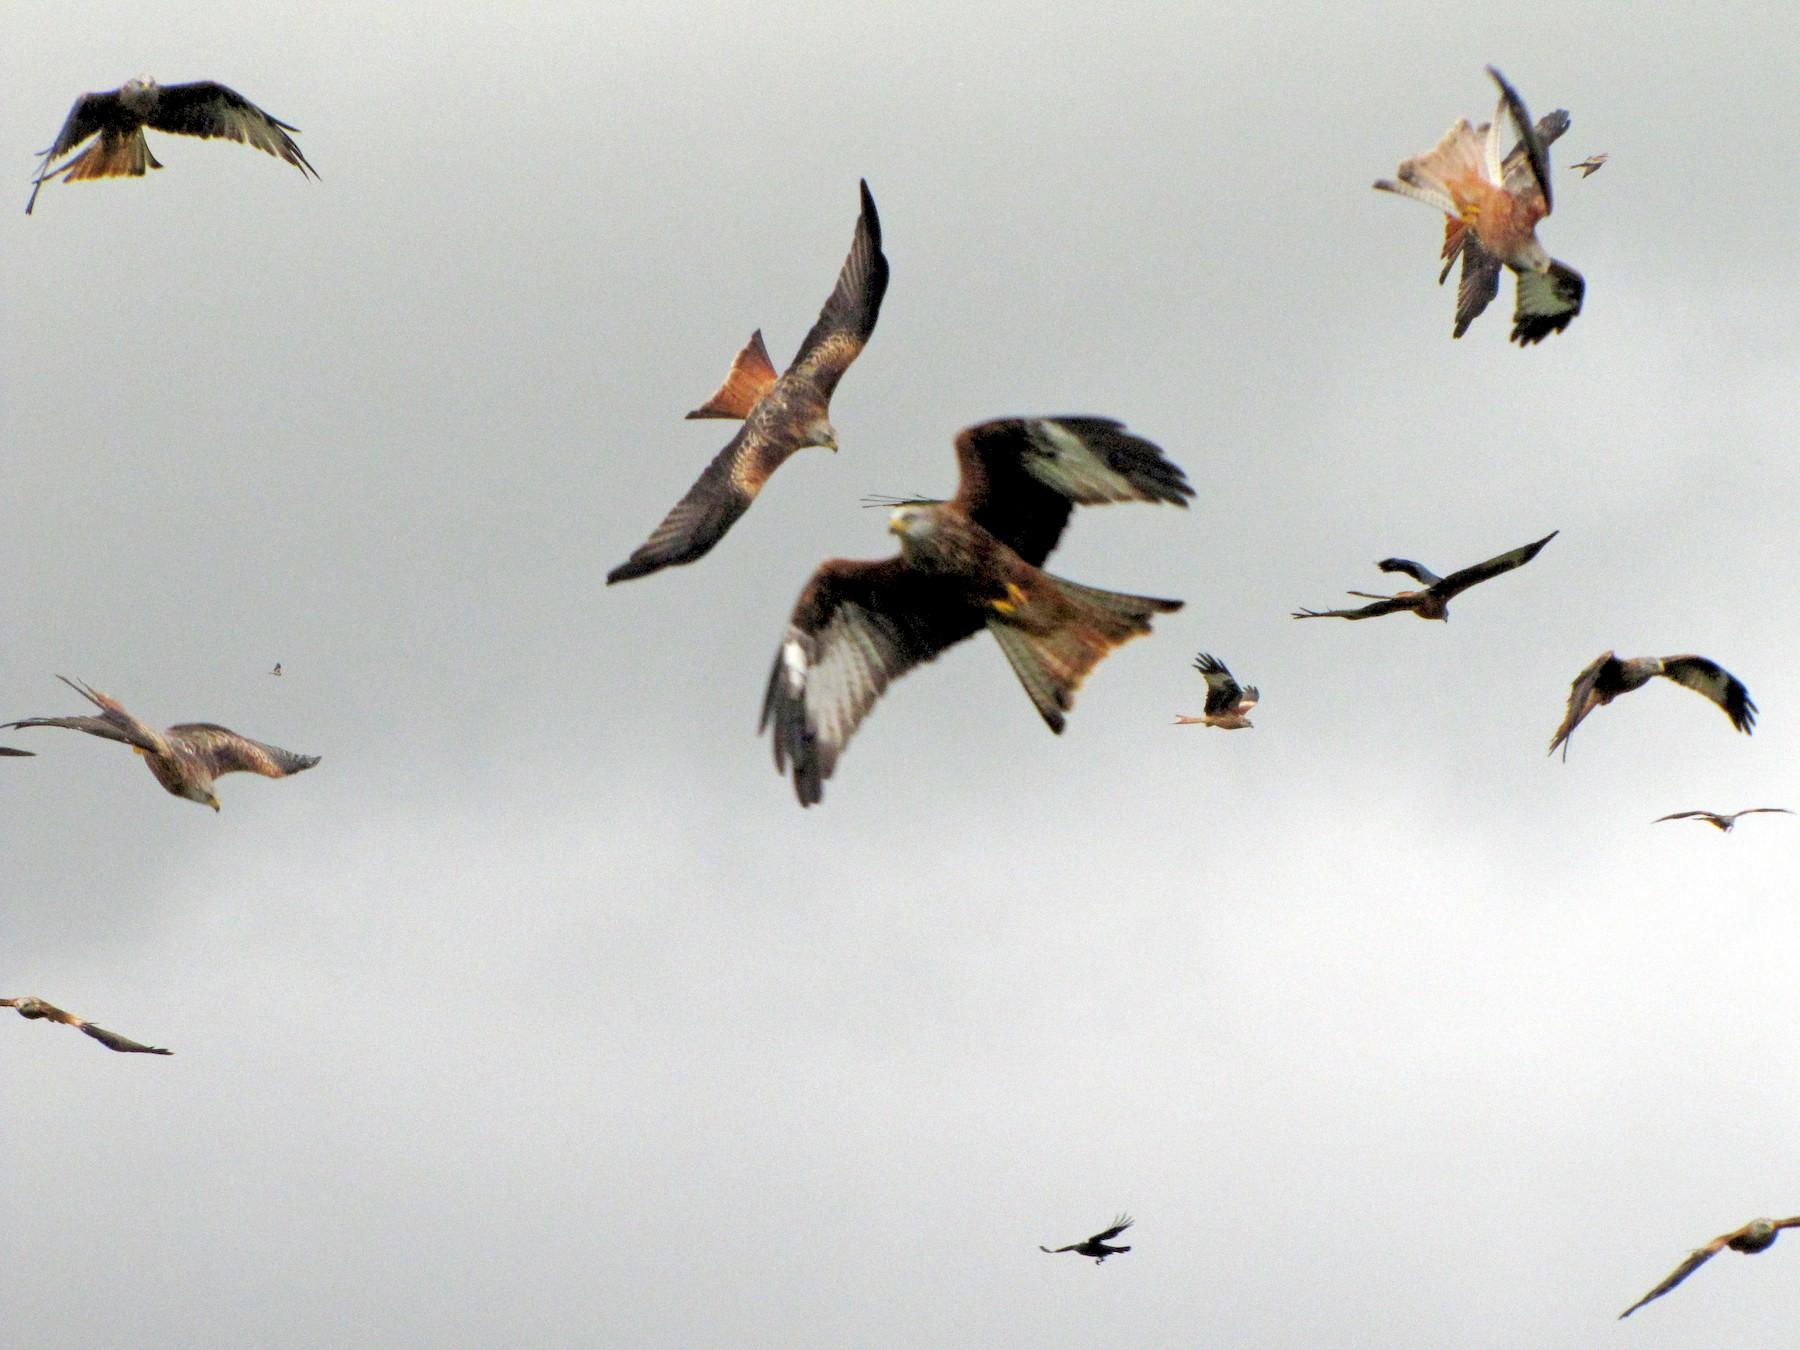 Red Kite - Pat McKay